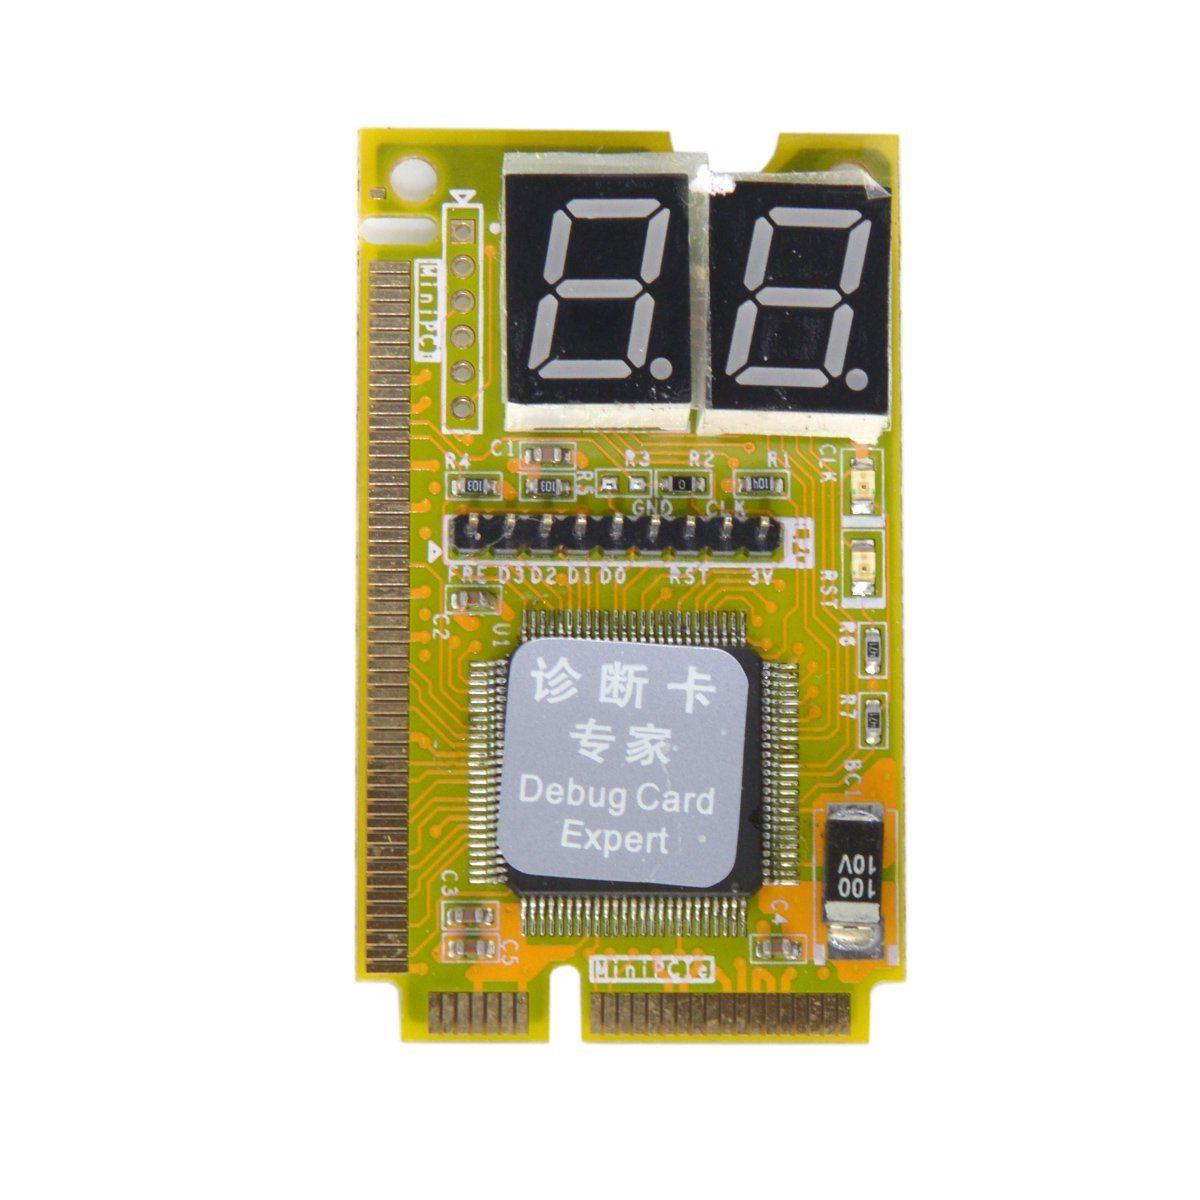 دیباگر و عیب یاب لپ تاپ mini-PCI (2 اسلات)